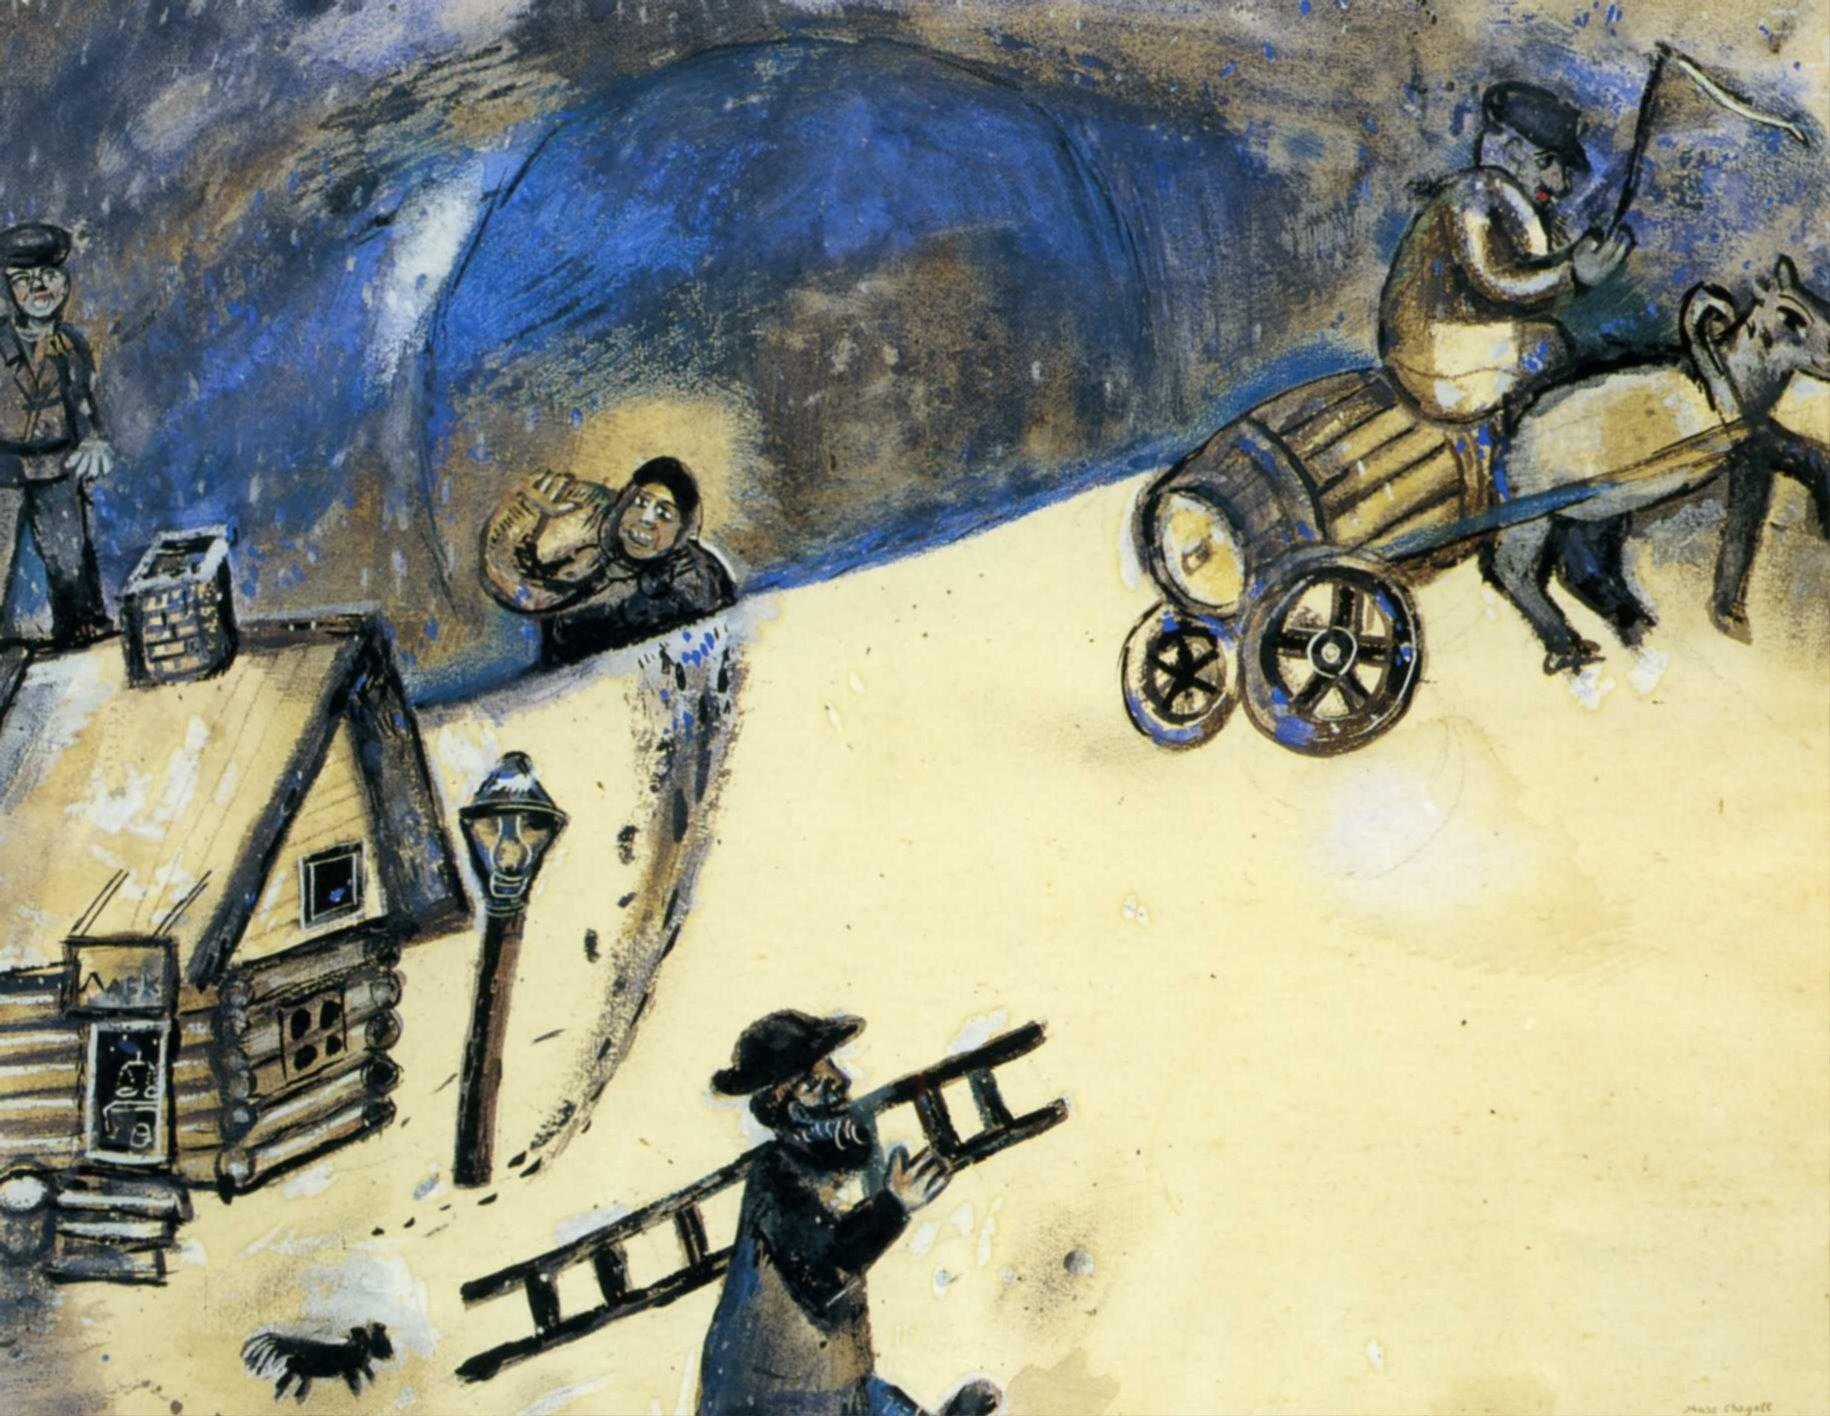 Марк Шагал (1887 - 1985) — российский и французский художник еврейского происхождения. 1911. «Зима»